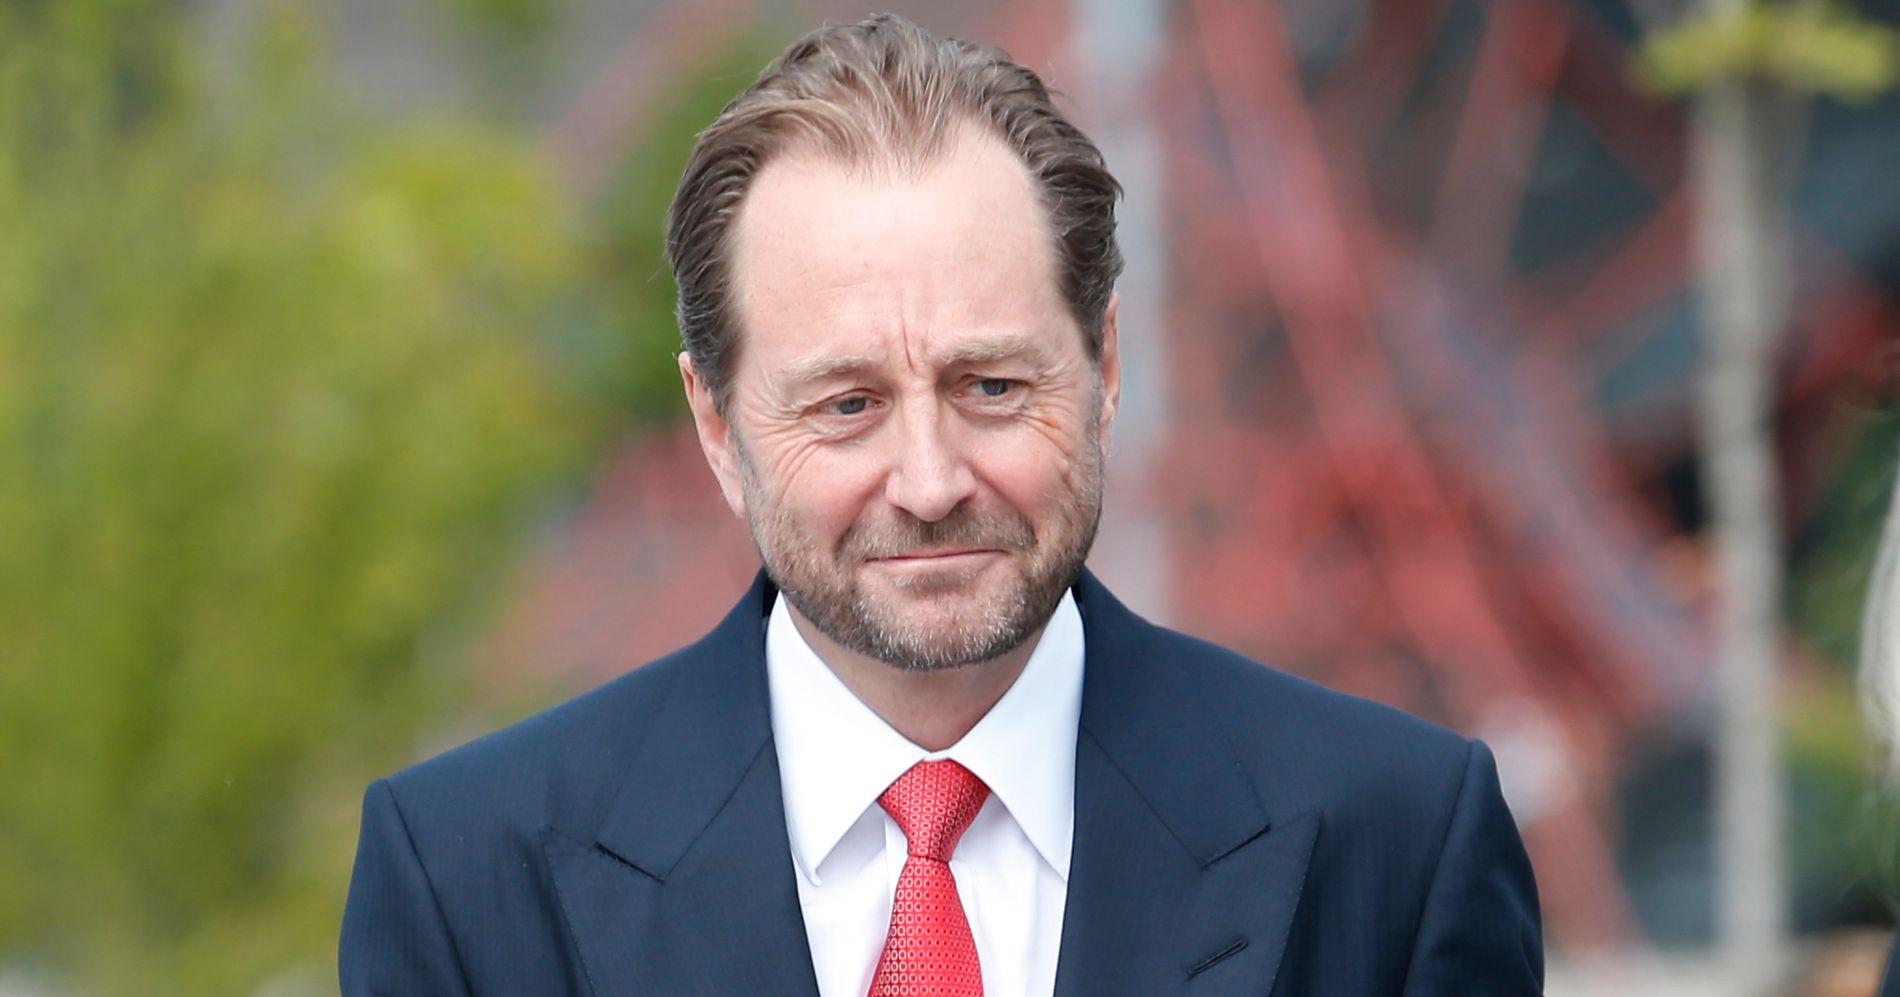 STØTTER HAVPROSJEKTET: Kjell Inge Røkke støtter havprosjektet med 4,2 milliarder kroner.